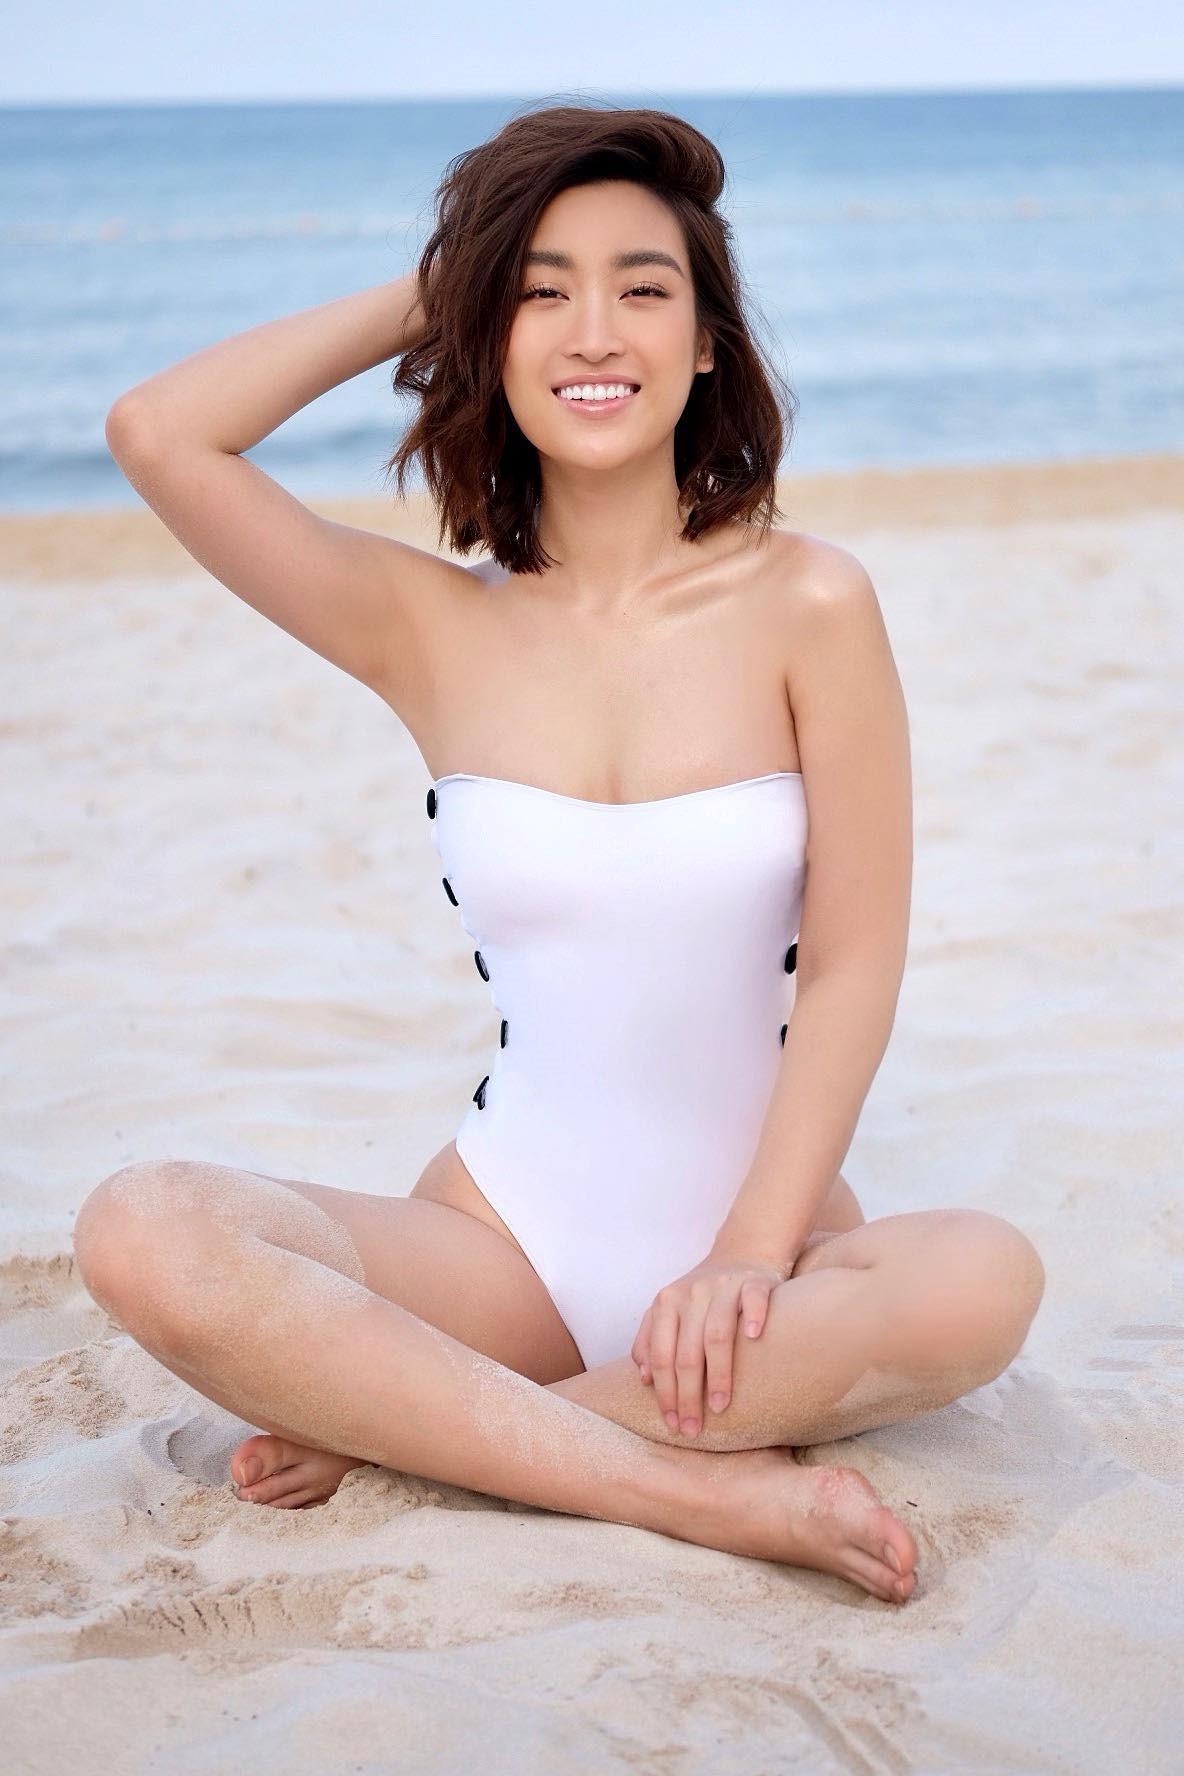 Hoa hậu Đỗ Mỹ Linh khoe vóc dáng gợi cảm với đồ bơi Ảnh 6